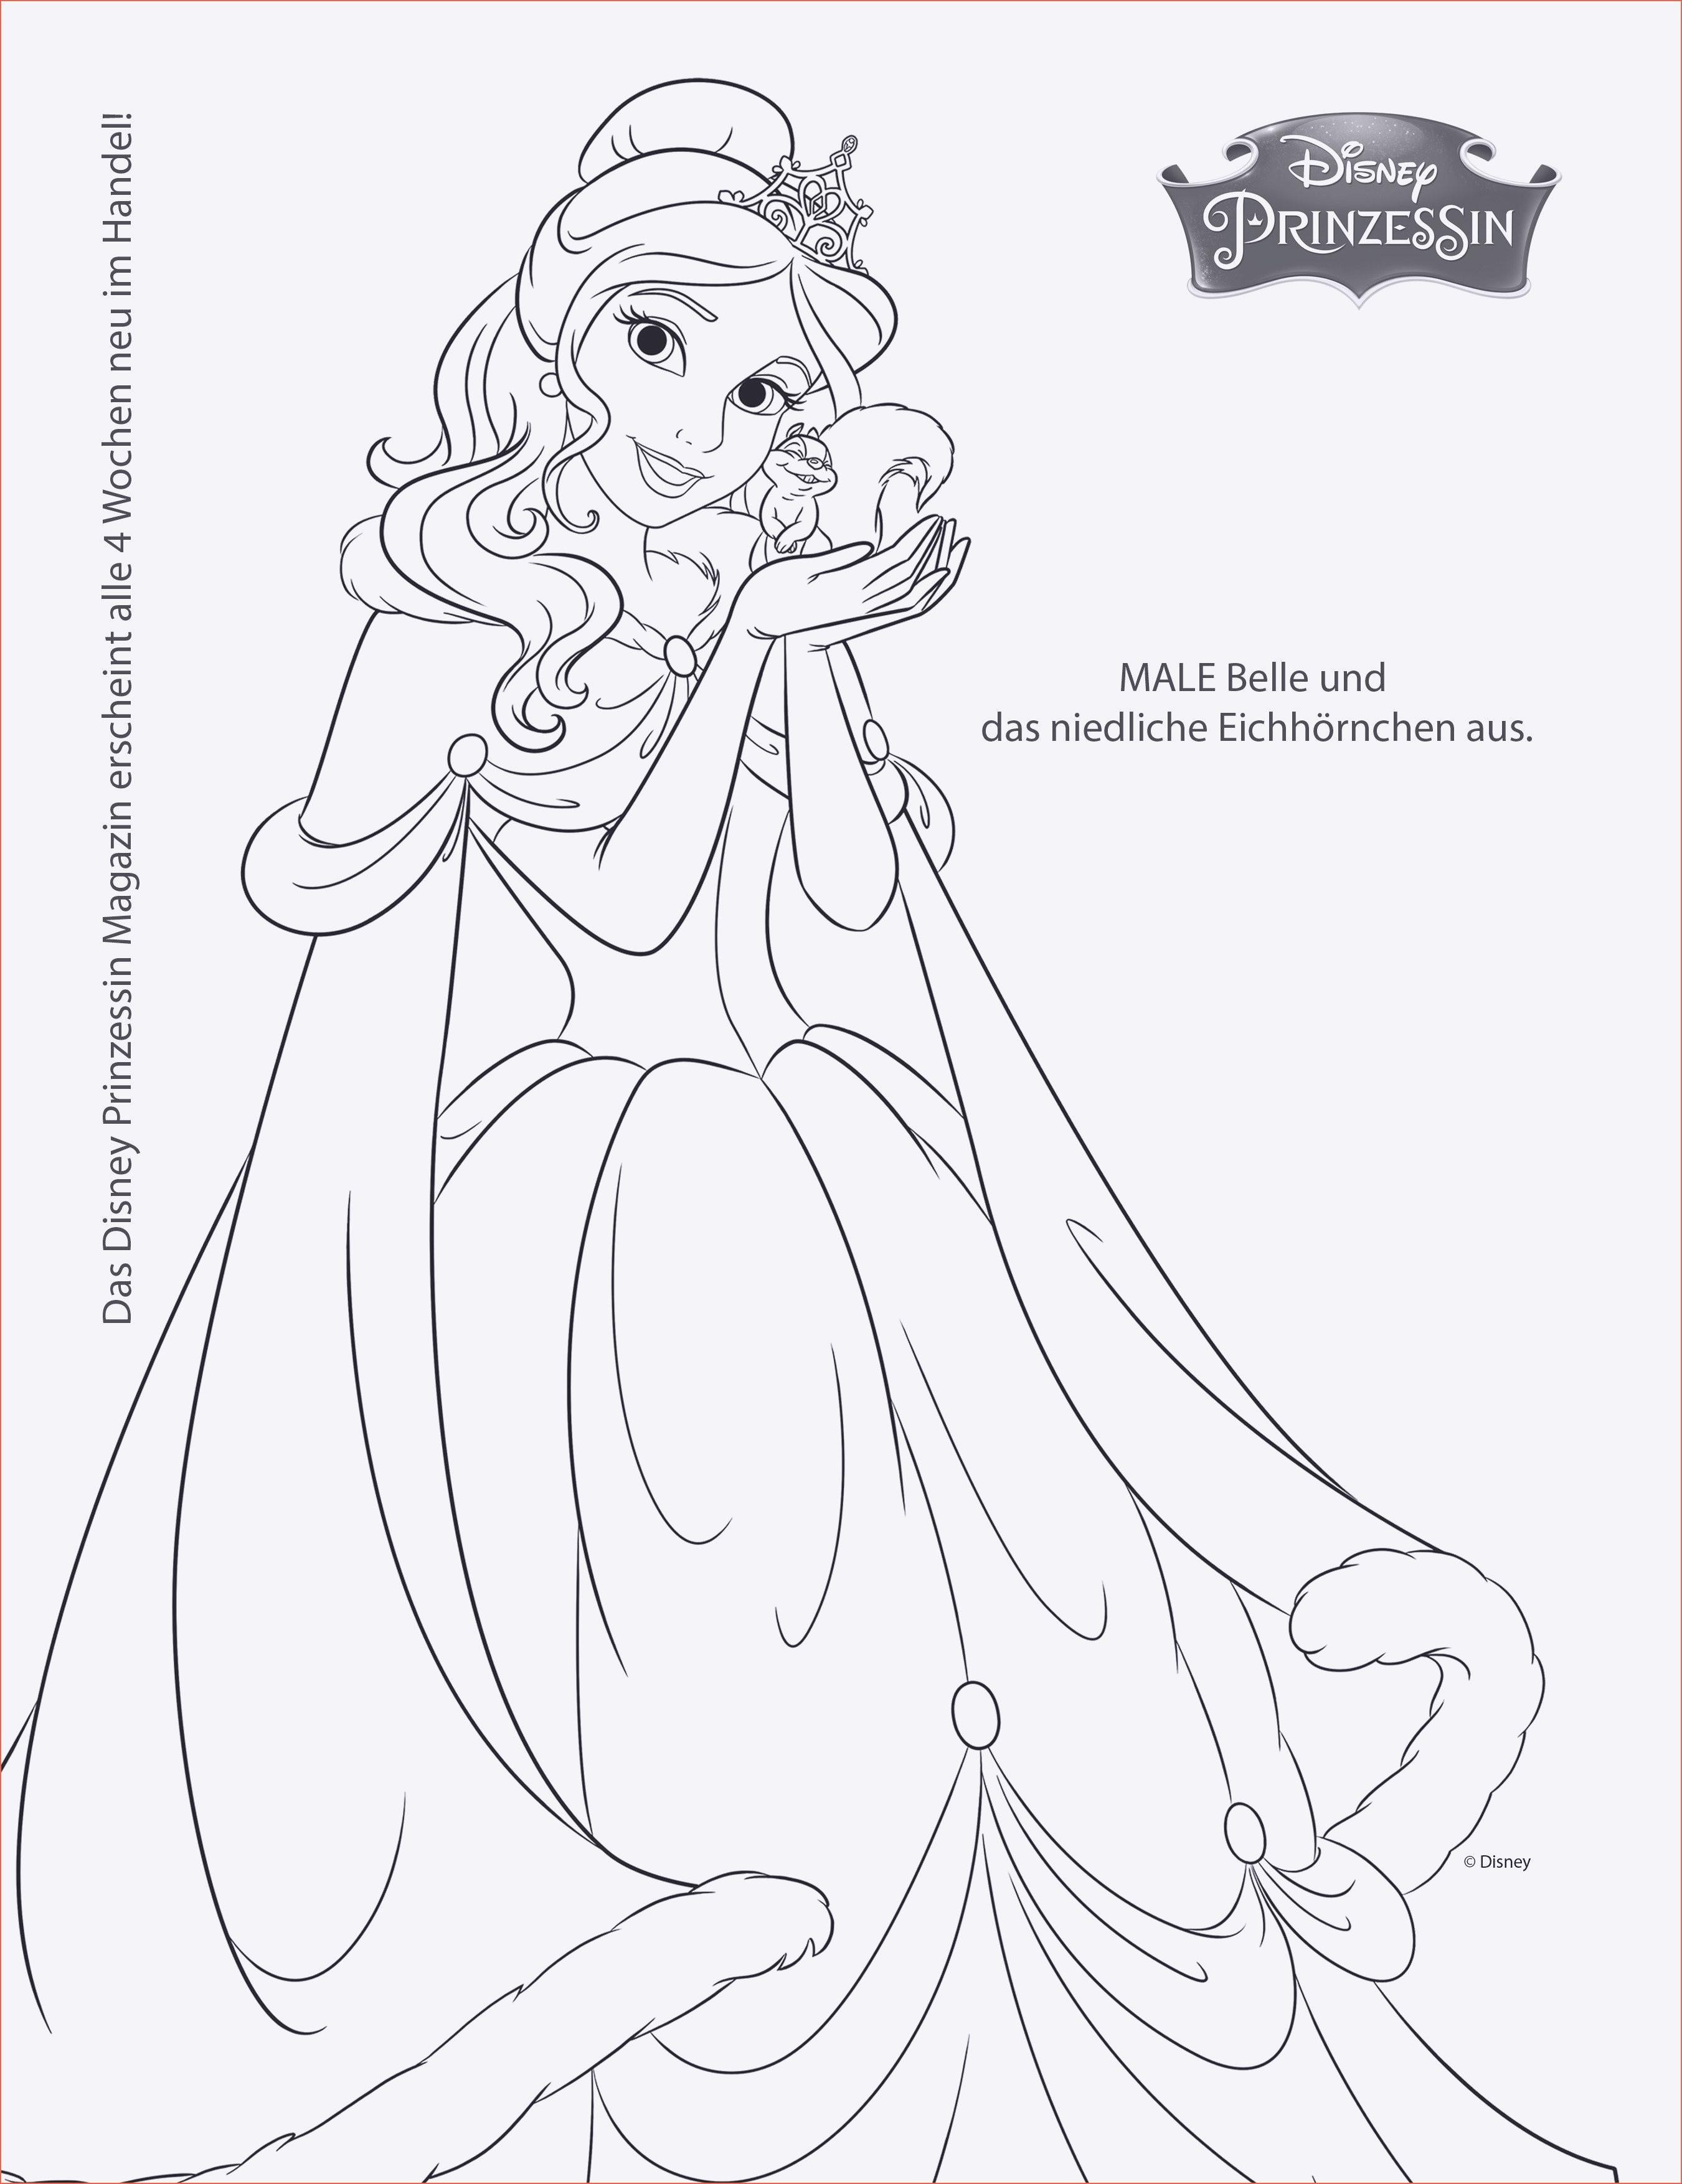 Ausmalbilder Prinzessin Schloss Inspirierend Gratis Malvorlagen Zum Ausdrucken Herz Ausdrucken Kostenlos Gdd0 Bilder